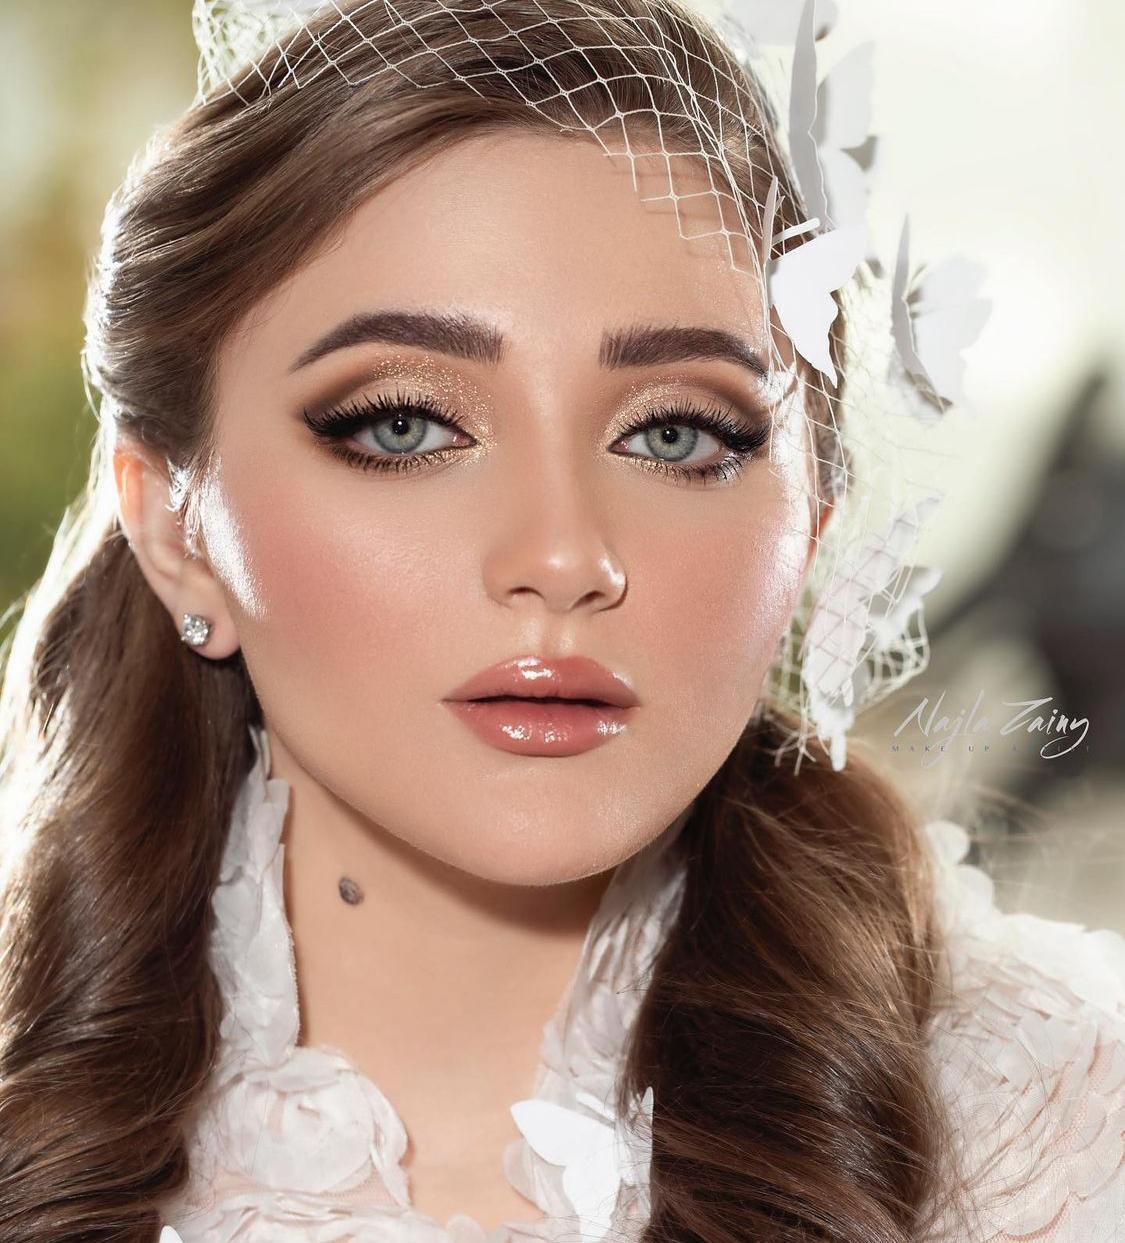 مكياج عروس من خبيرة التجميل نجلاء زيني -الصورة من حسابها على الانستغرام